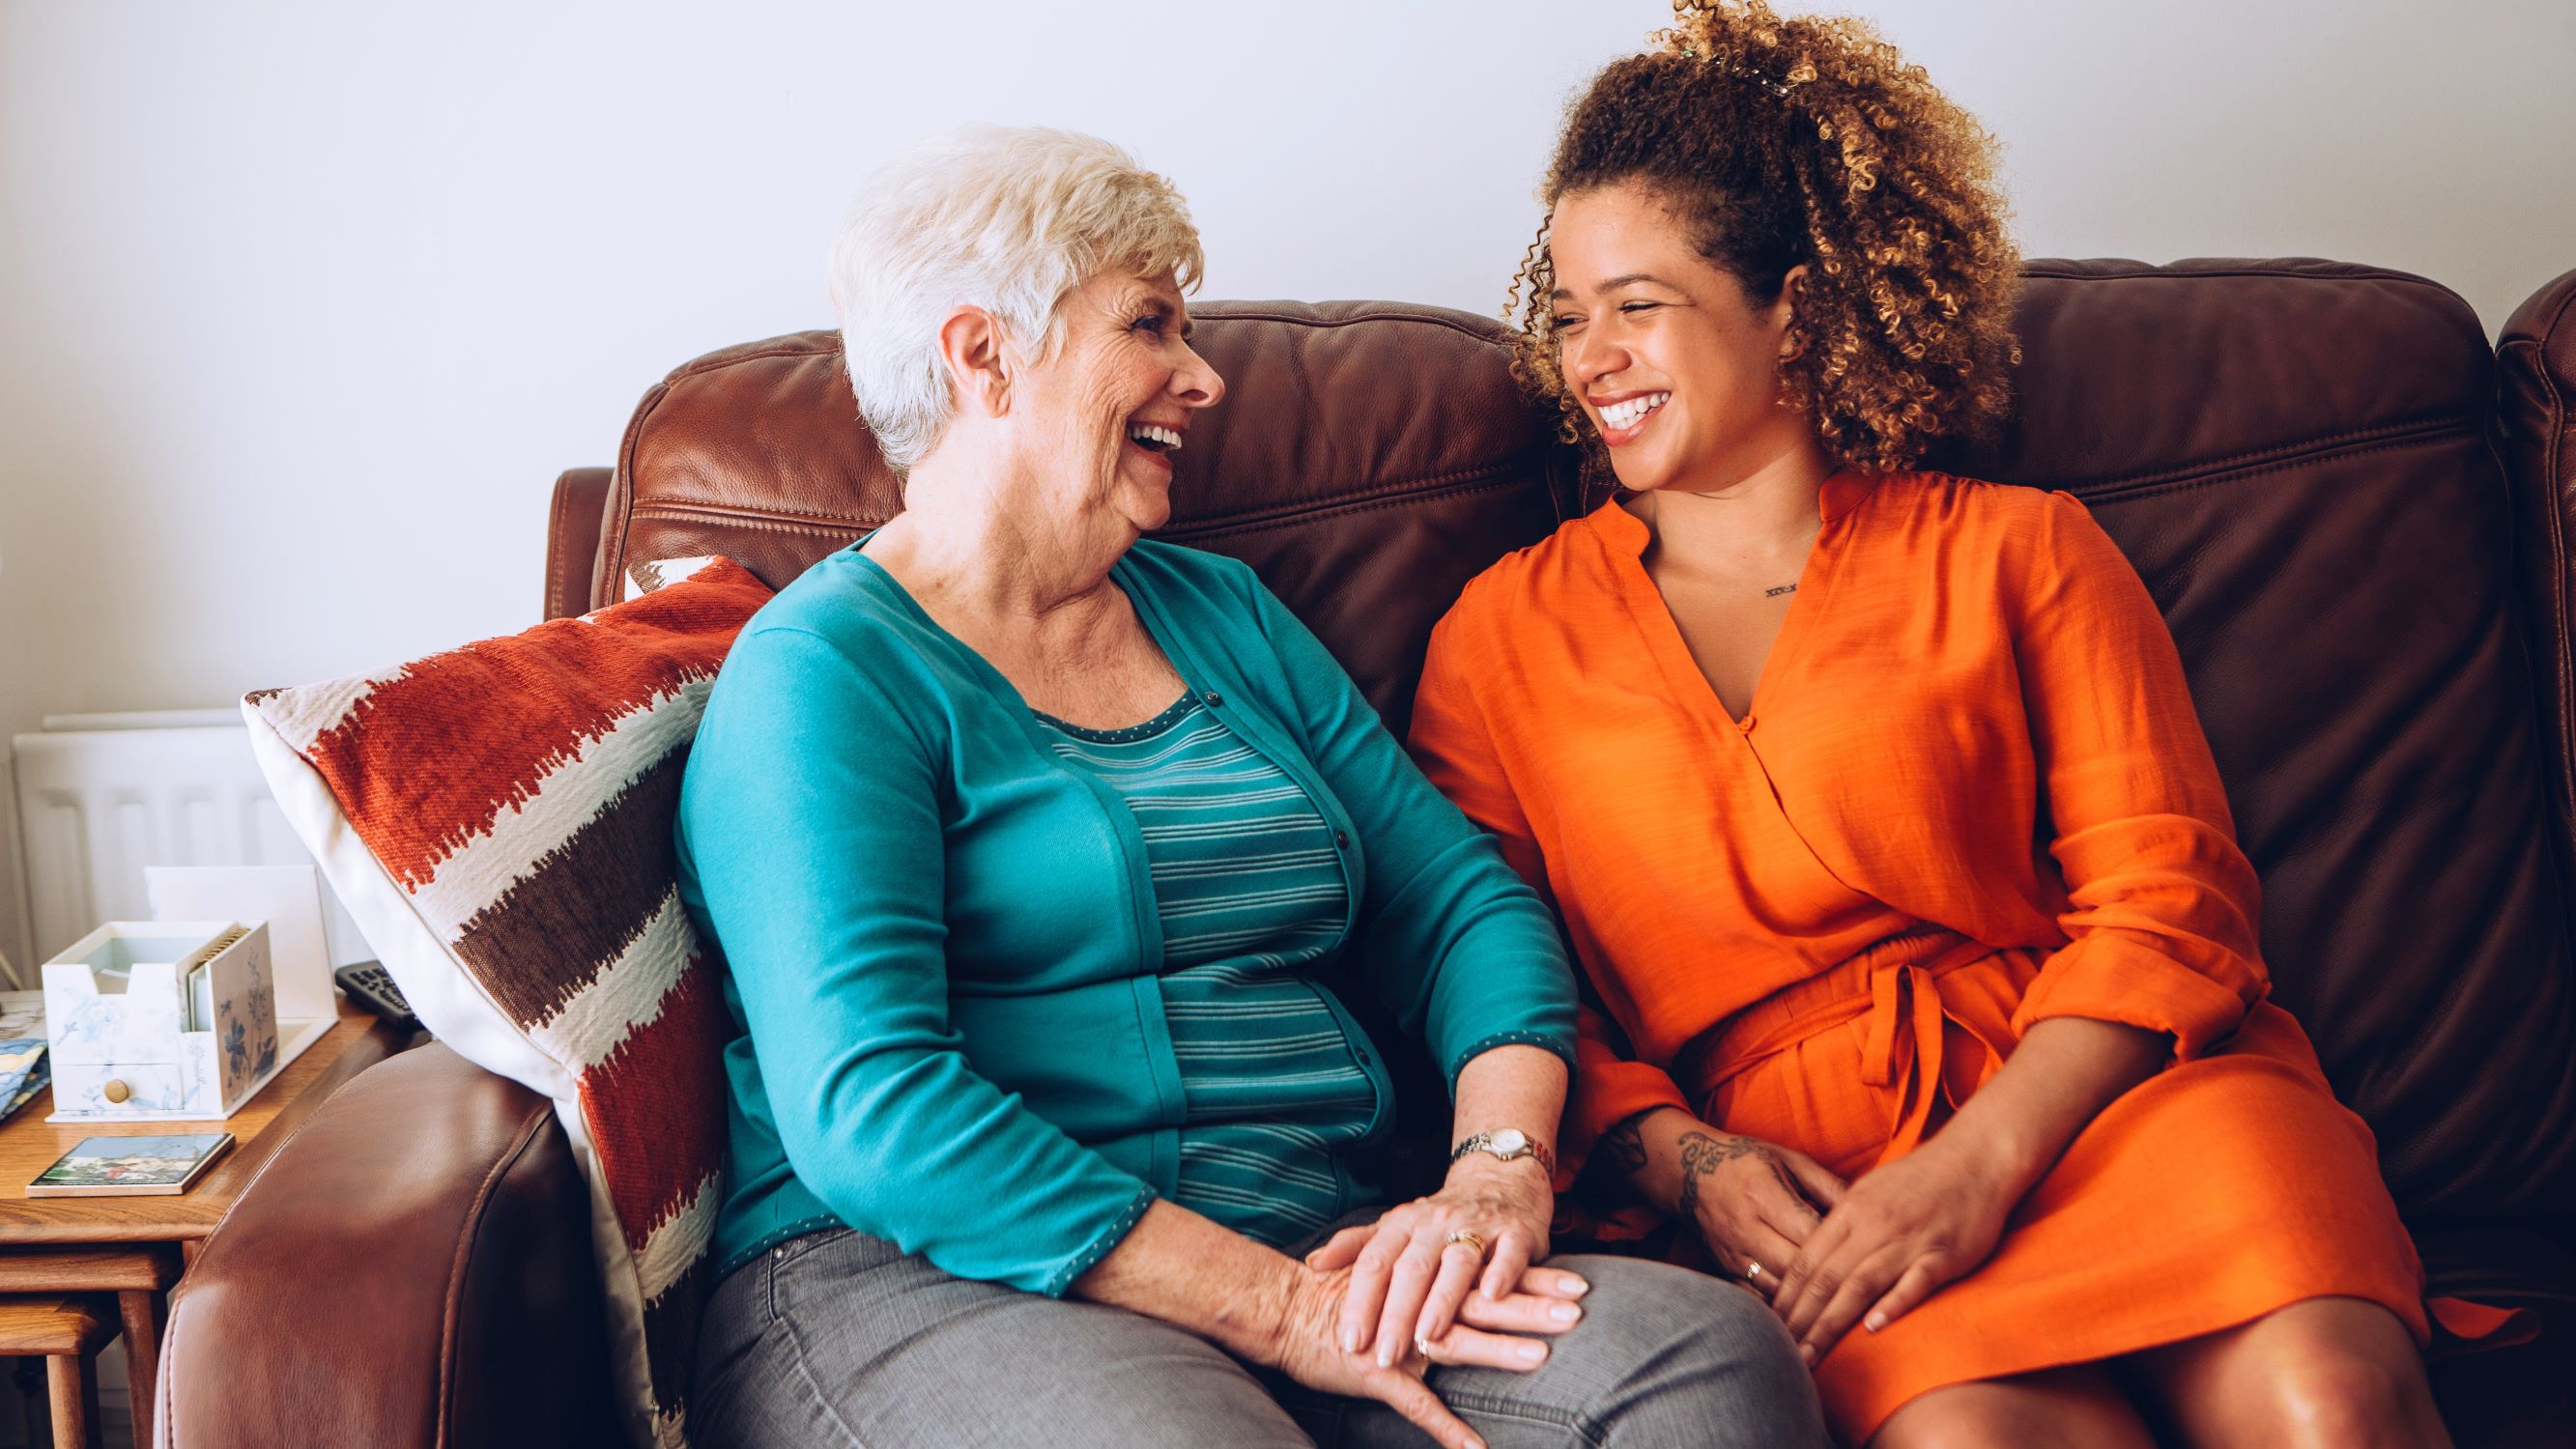 858cd84021d Forebyggende hjemmebesøg - Se reglerne i Seniorhåndbogen